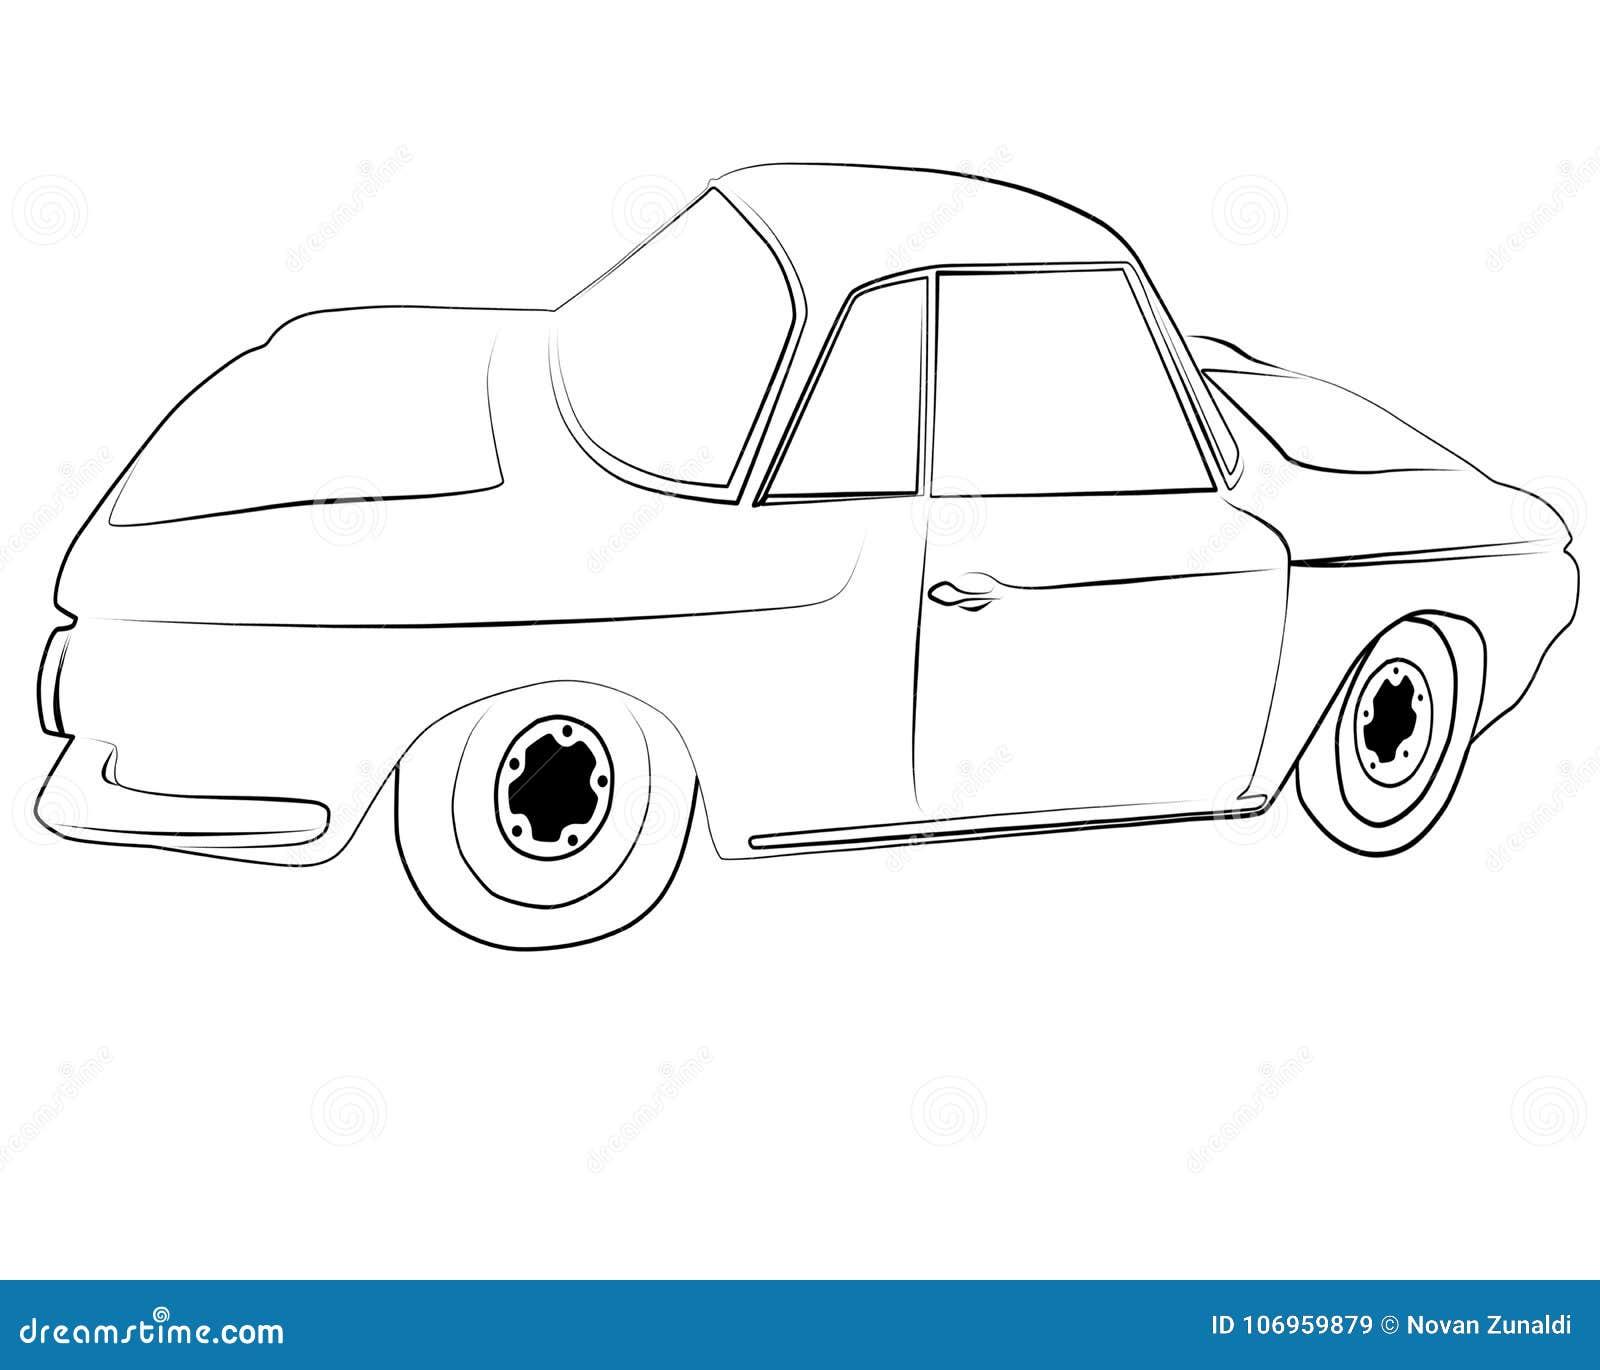 volkswagen cartoons  illustrations  u0026 vector stock images